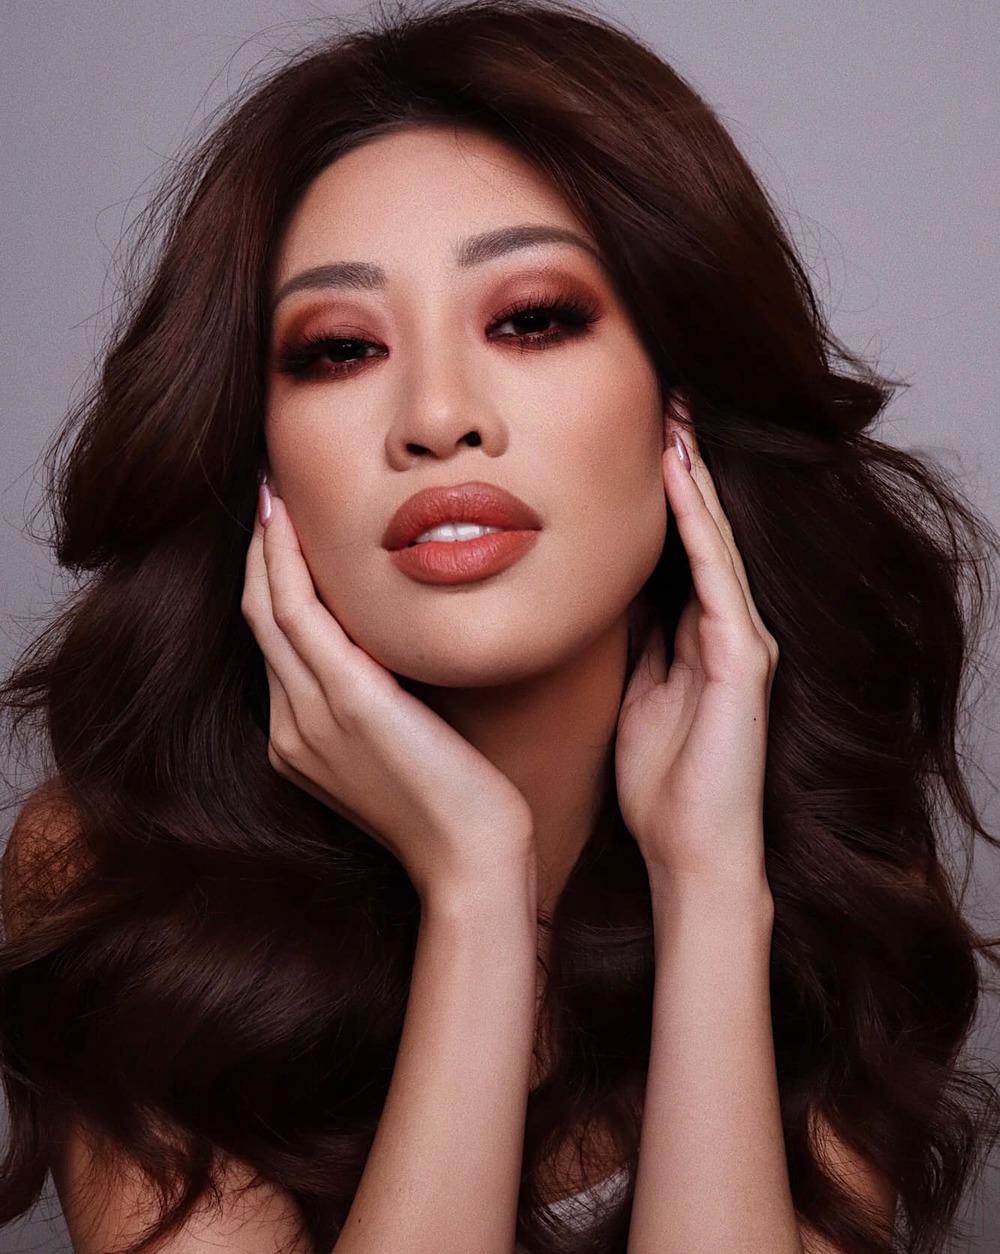 Người đẹp có cơ hội làm việc cùng chuyên gia trang điểm nổi tiếngHung Vanngo.(Ảnh: FBNV) - Tin sao Viet - Tin tuc sao Viet - Scandal sao Viet - Tin tuc cua Sao - Tin cua Sao